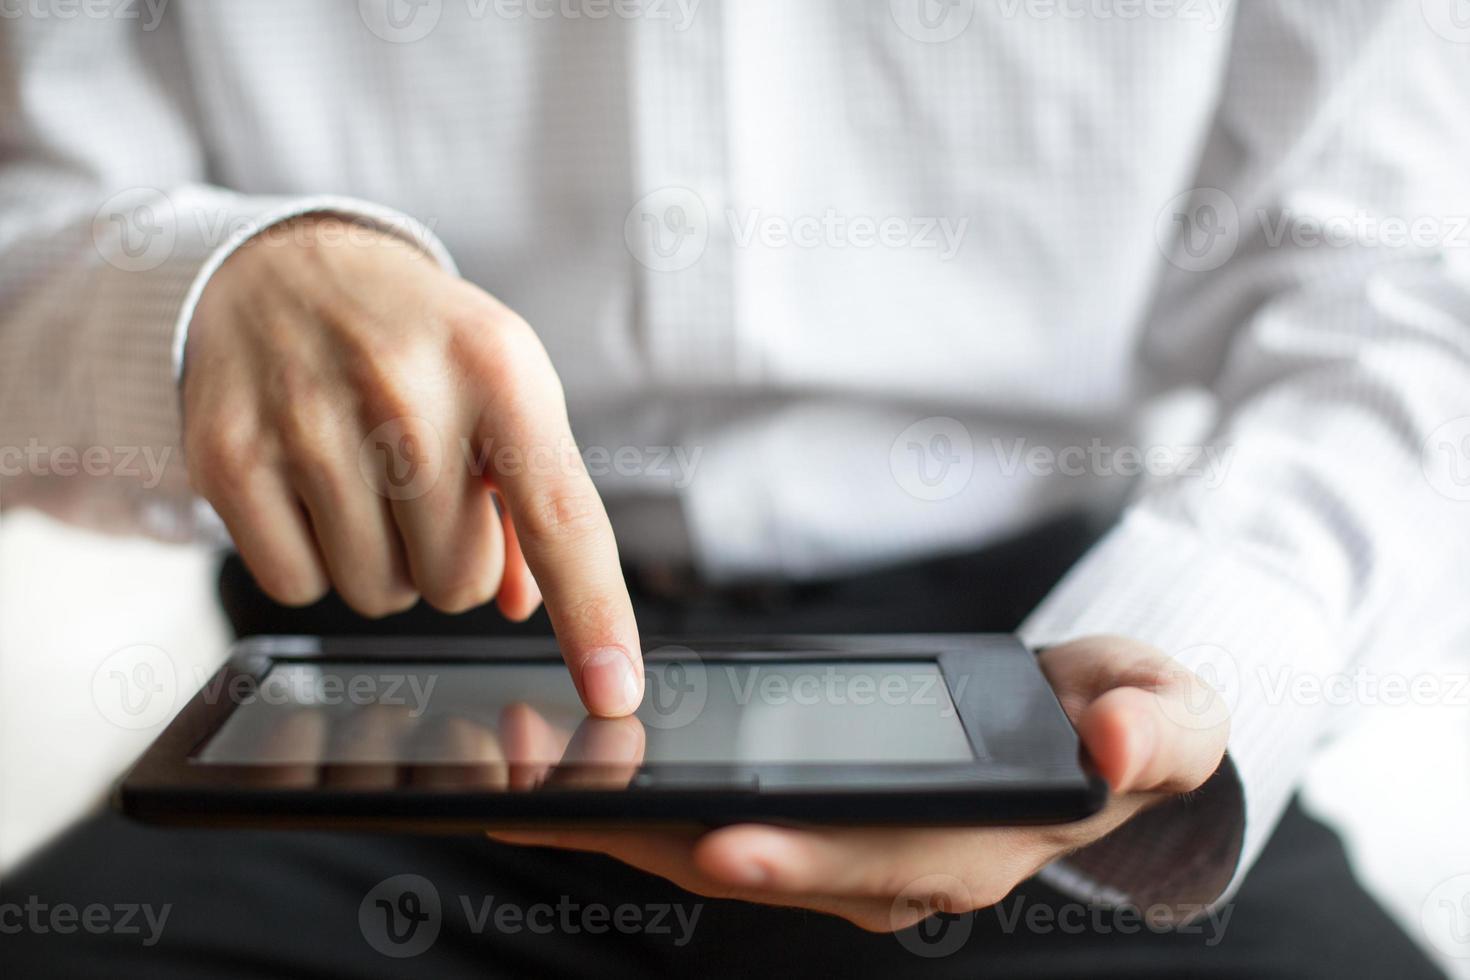 toque na tela do tablet para iniciar foto